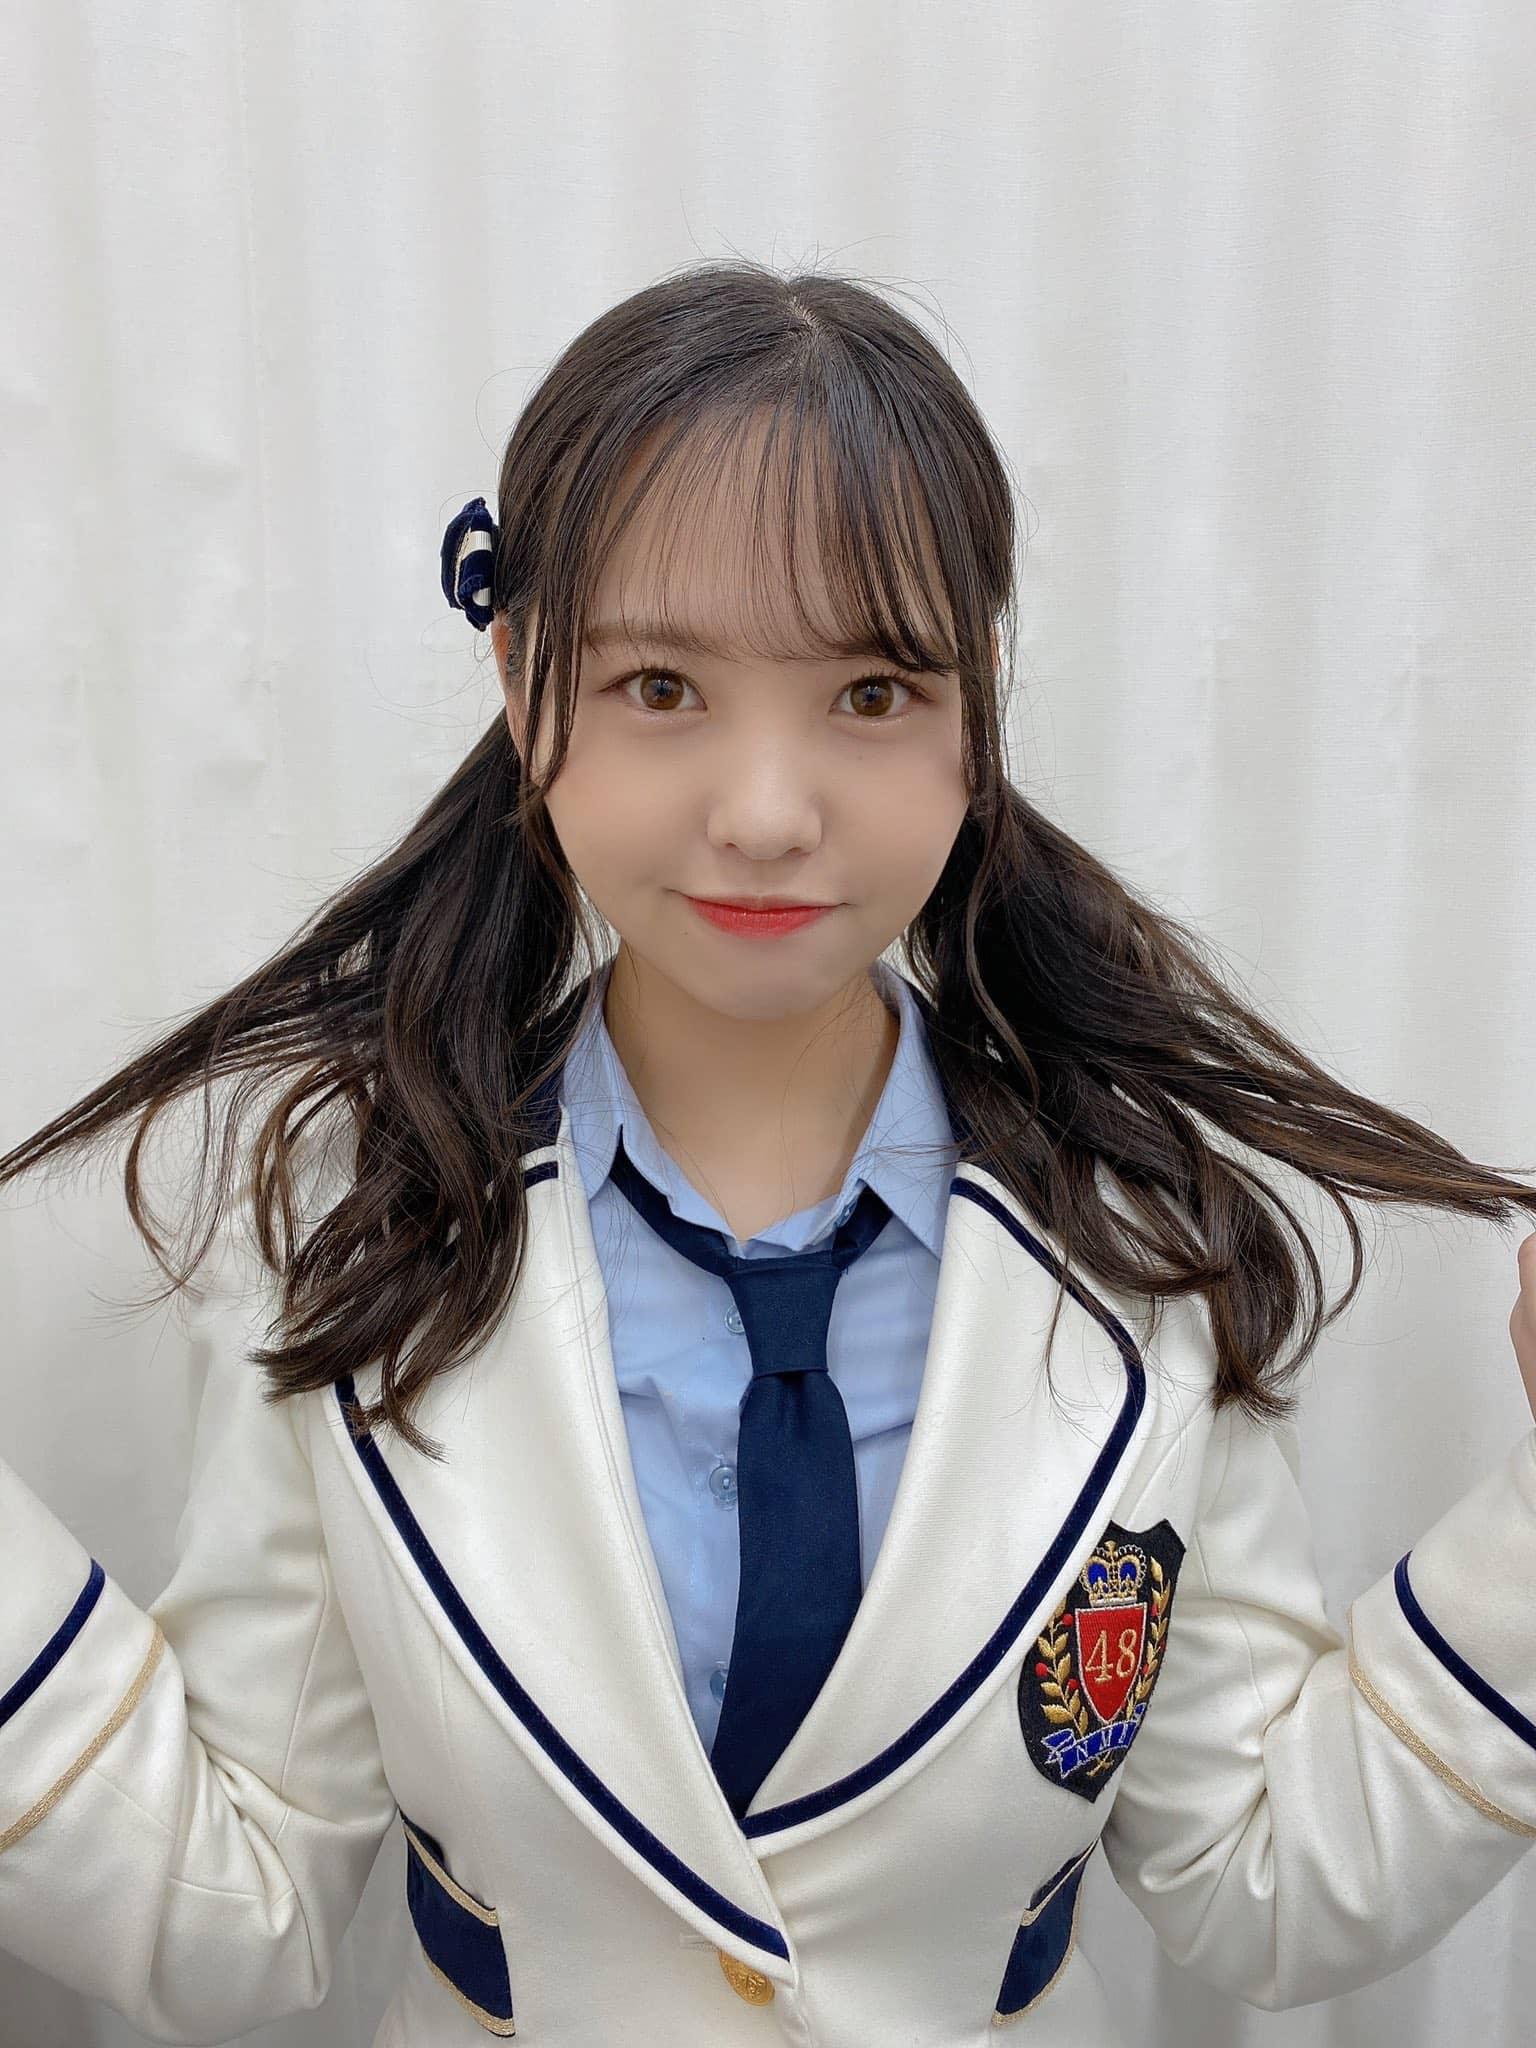 偶像NMB48成员《本郷柚巴》蜕变大奶妹